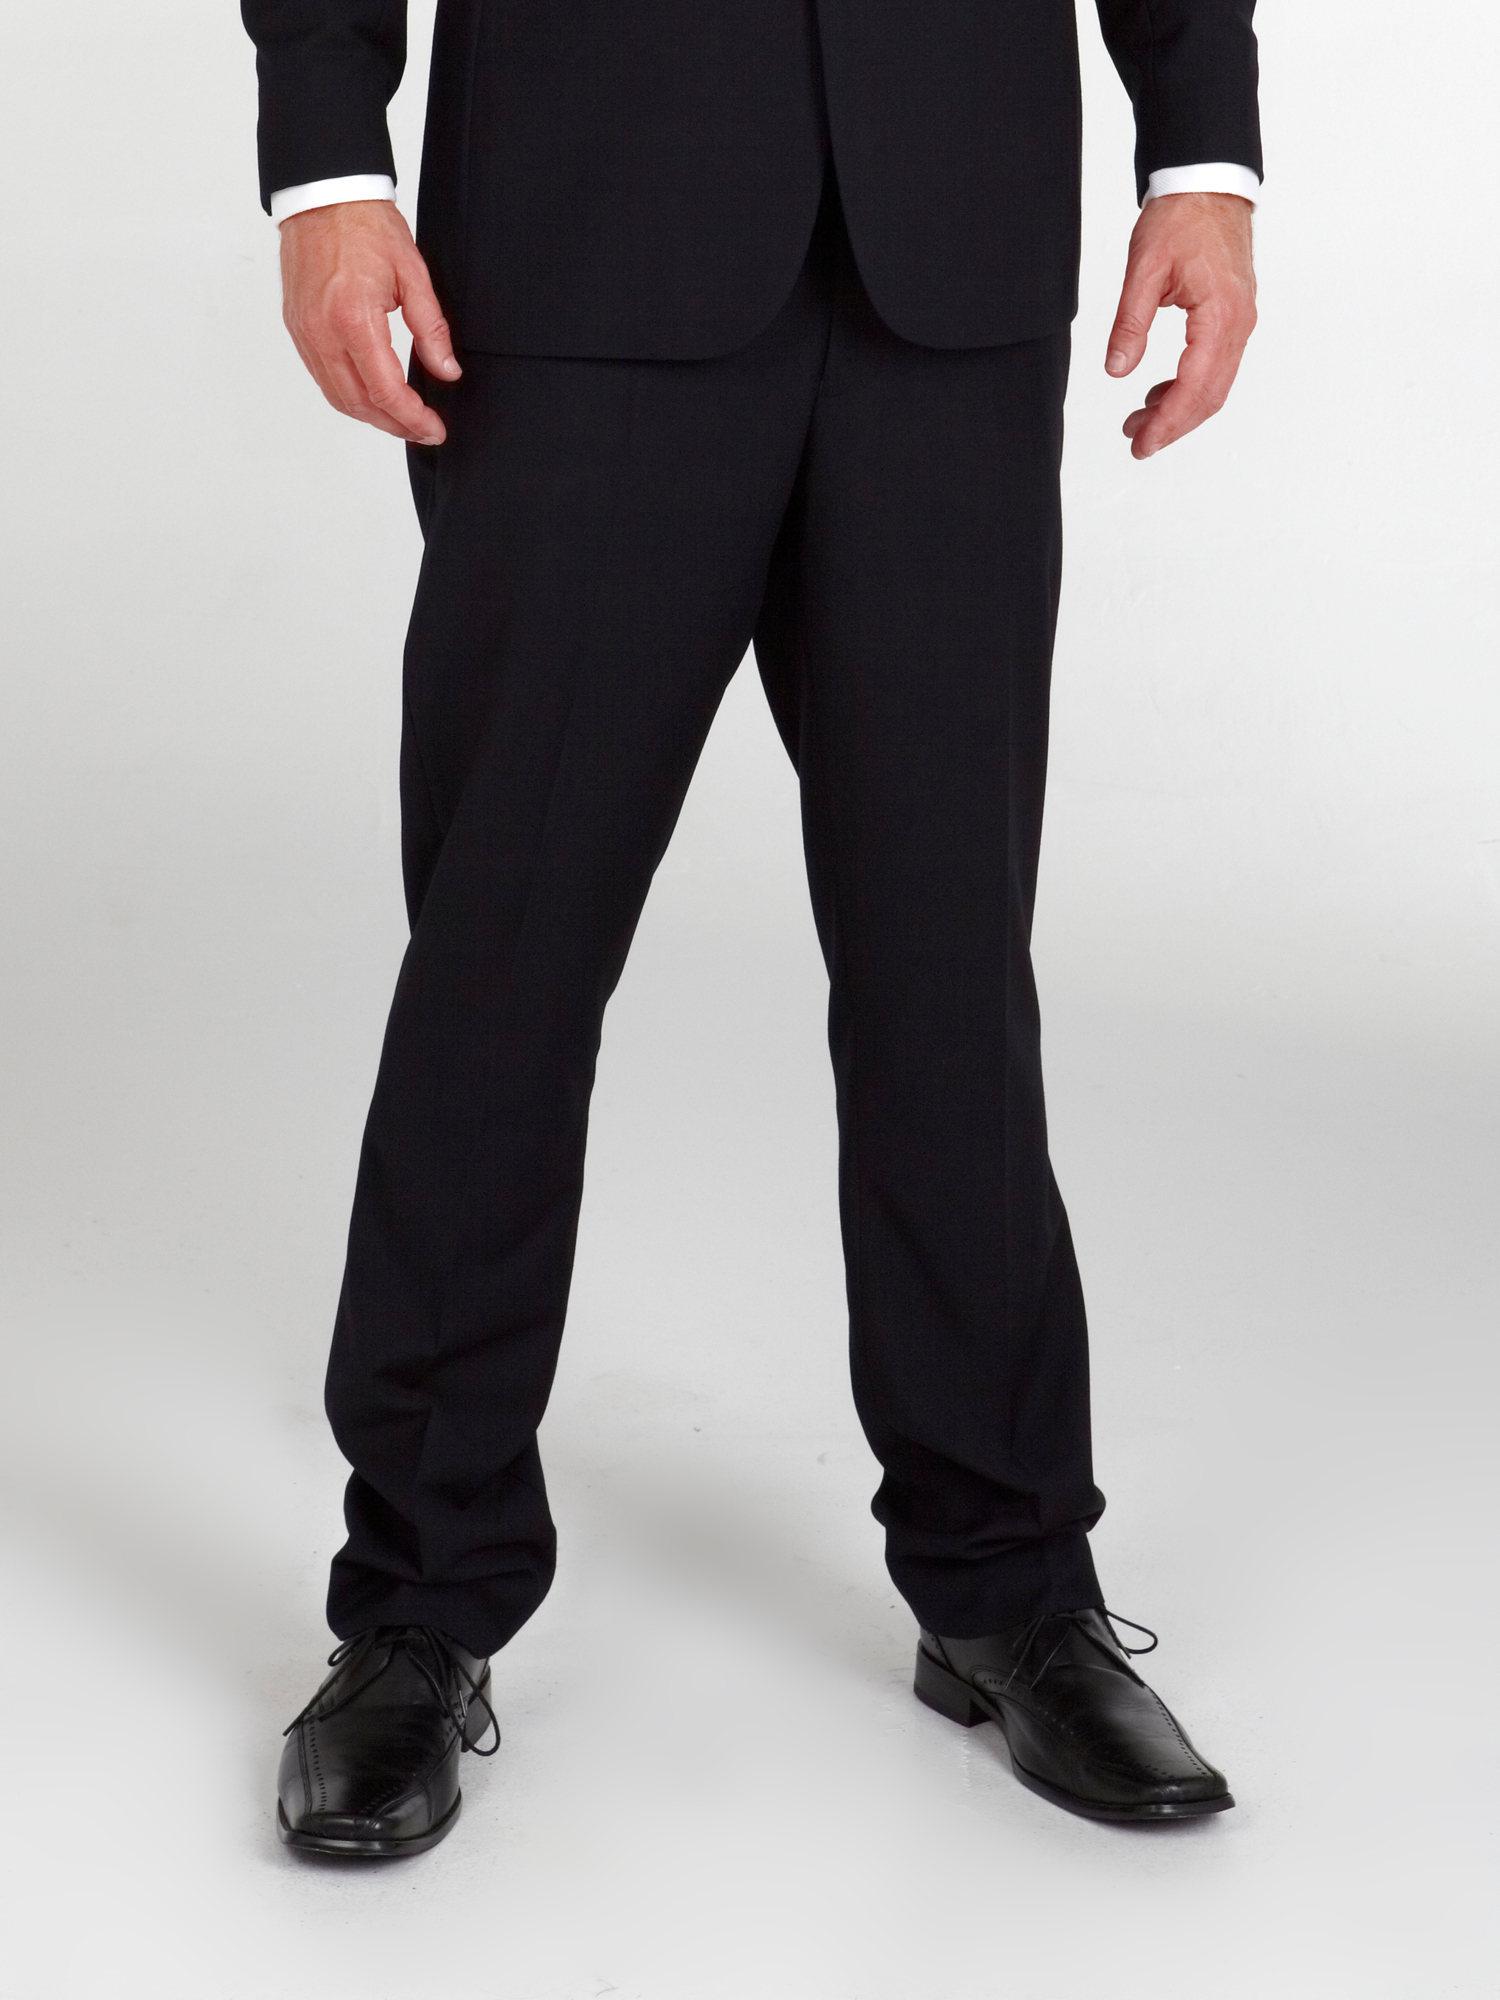 3 Piece Slim tuxedo with FREE SKINNY BLACK TIE